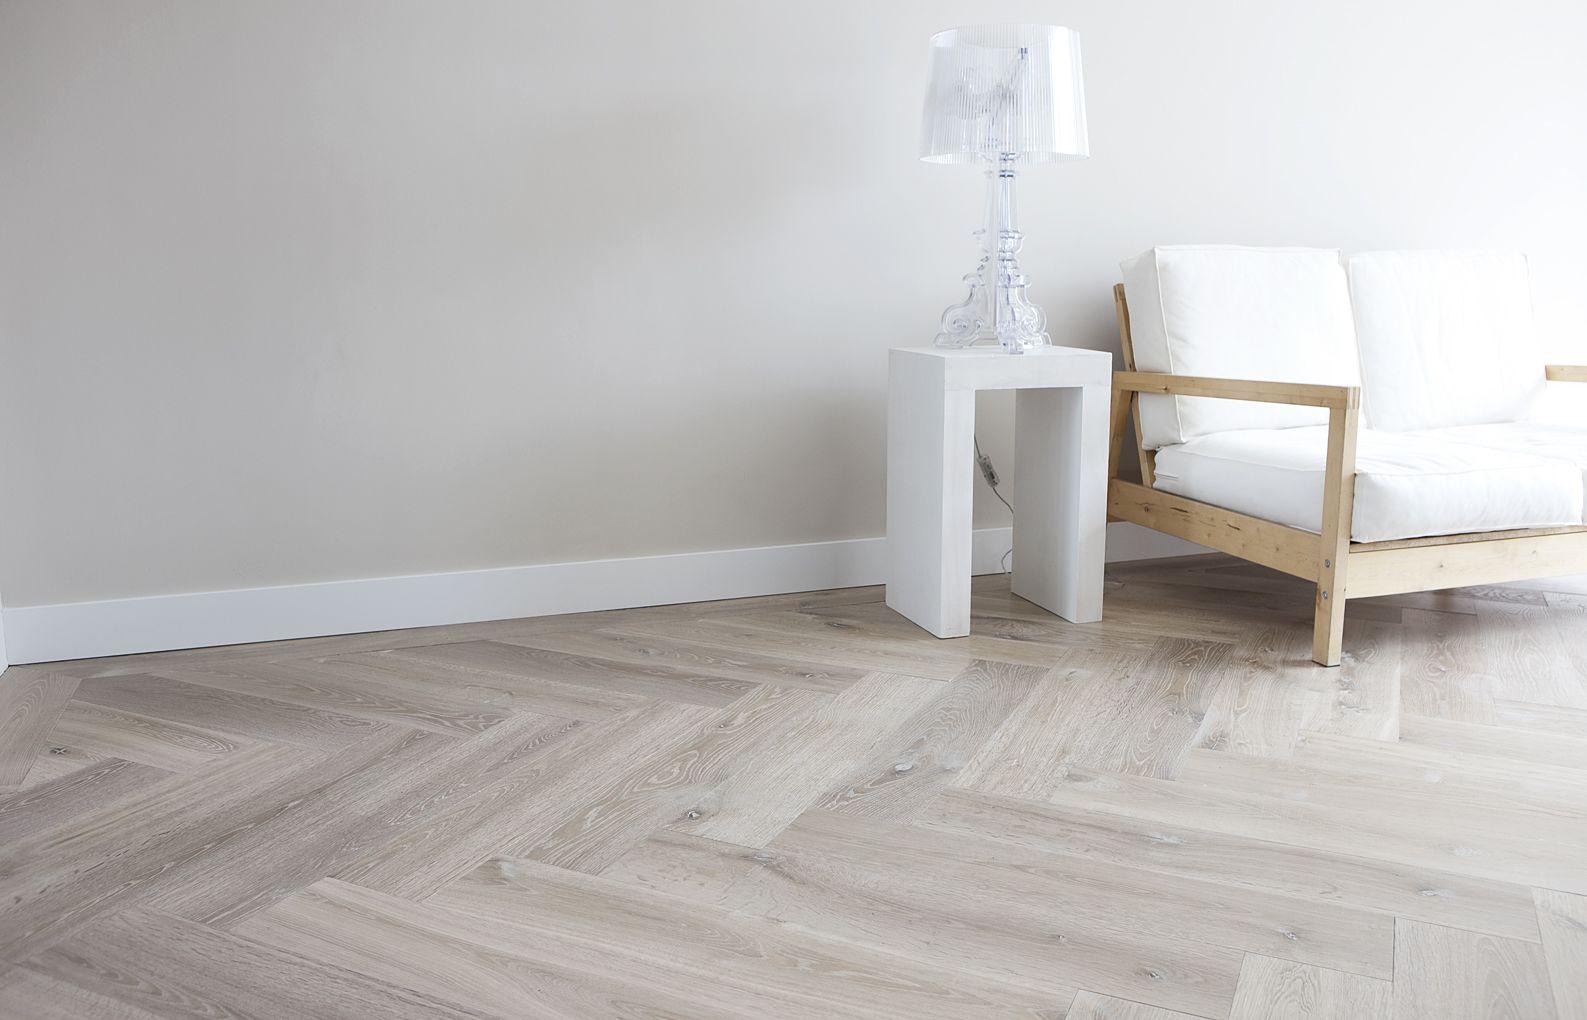 Vloertegels woonkamer in een woonkamer hoort een houten vloer of